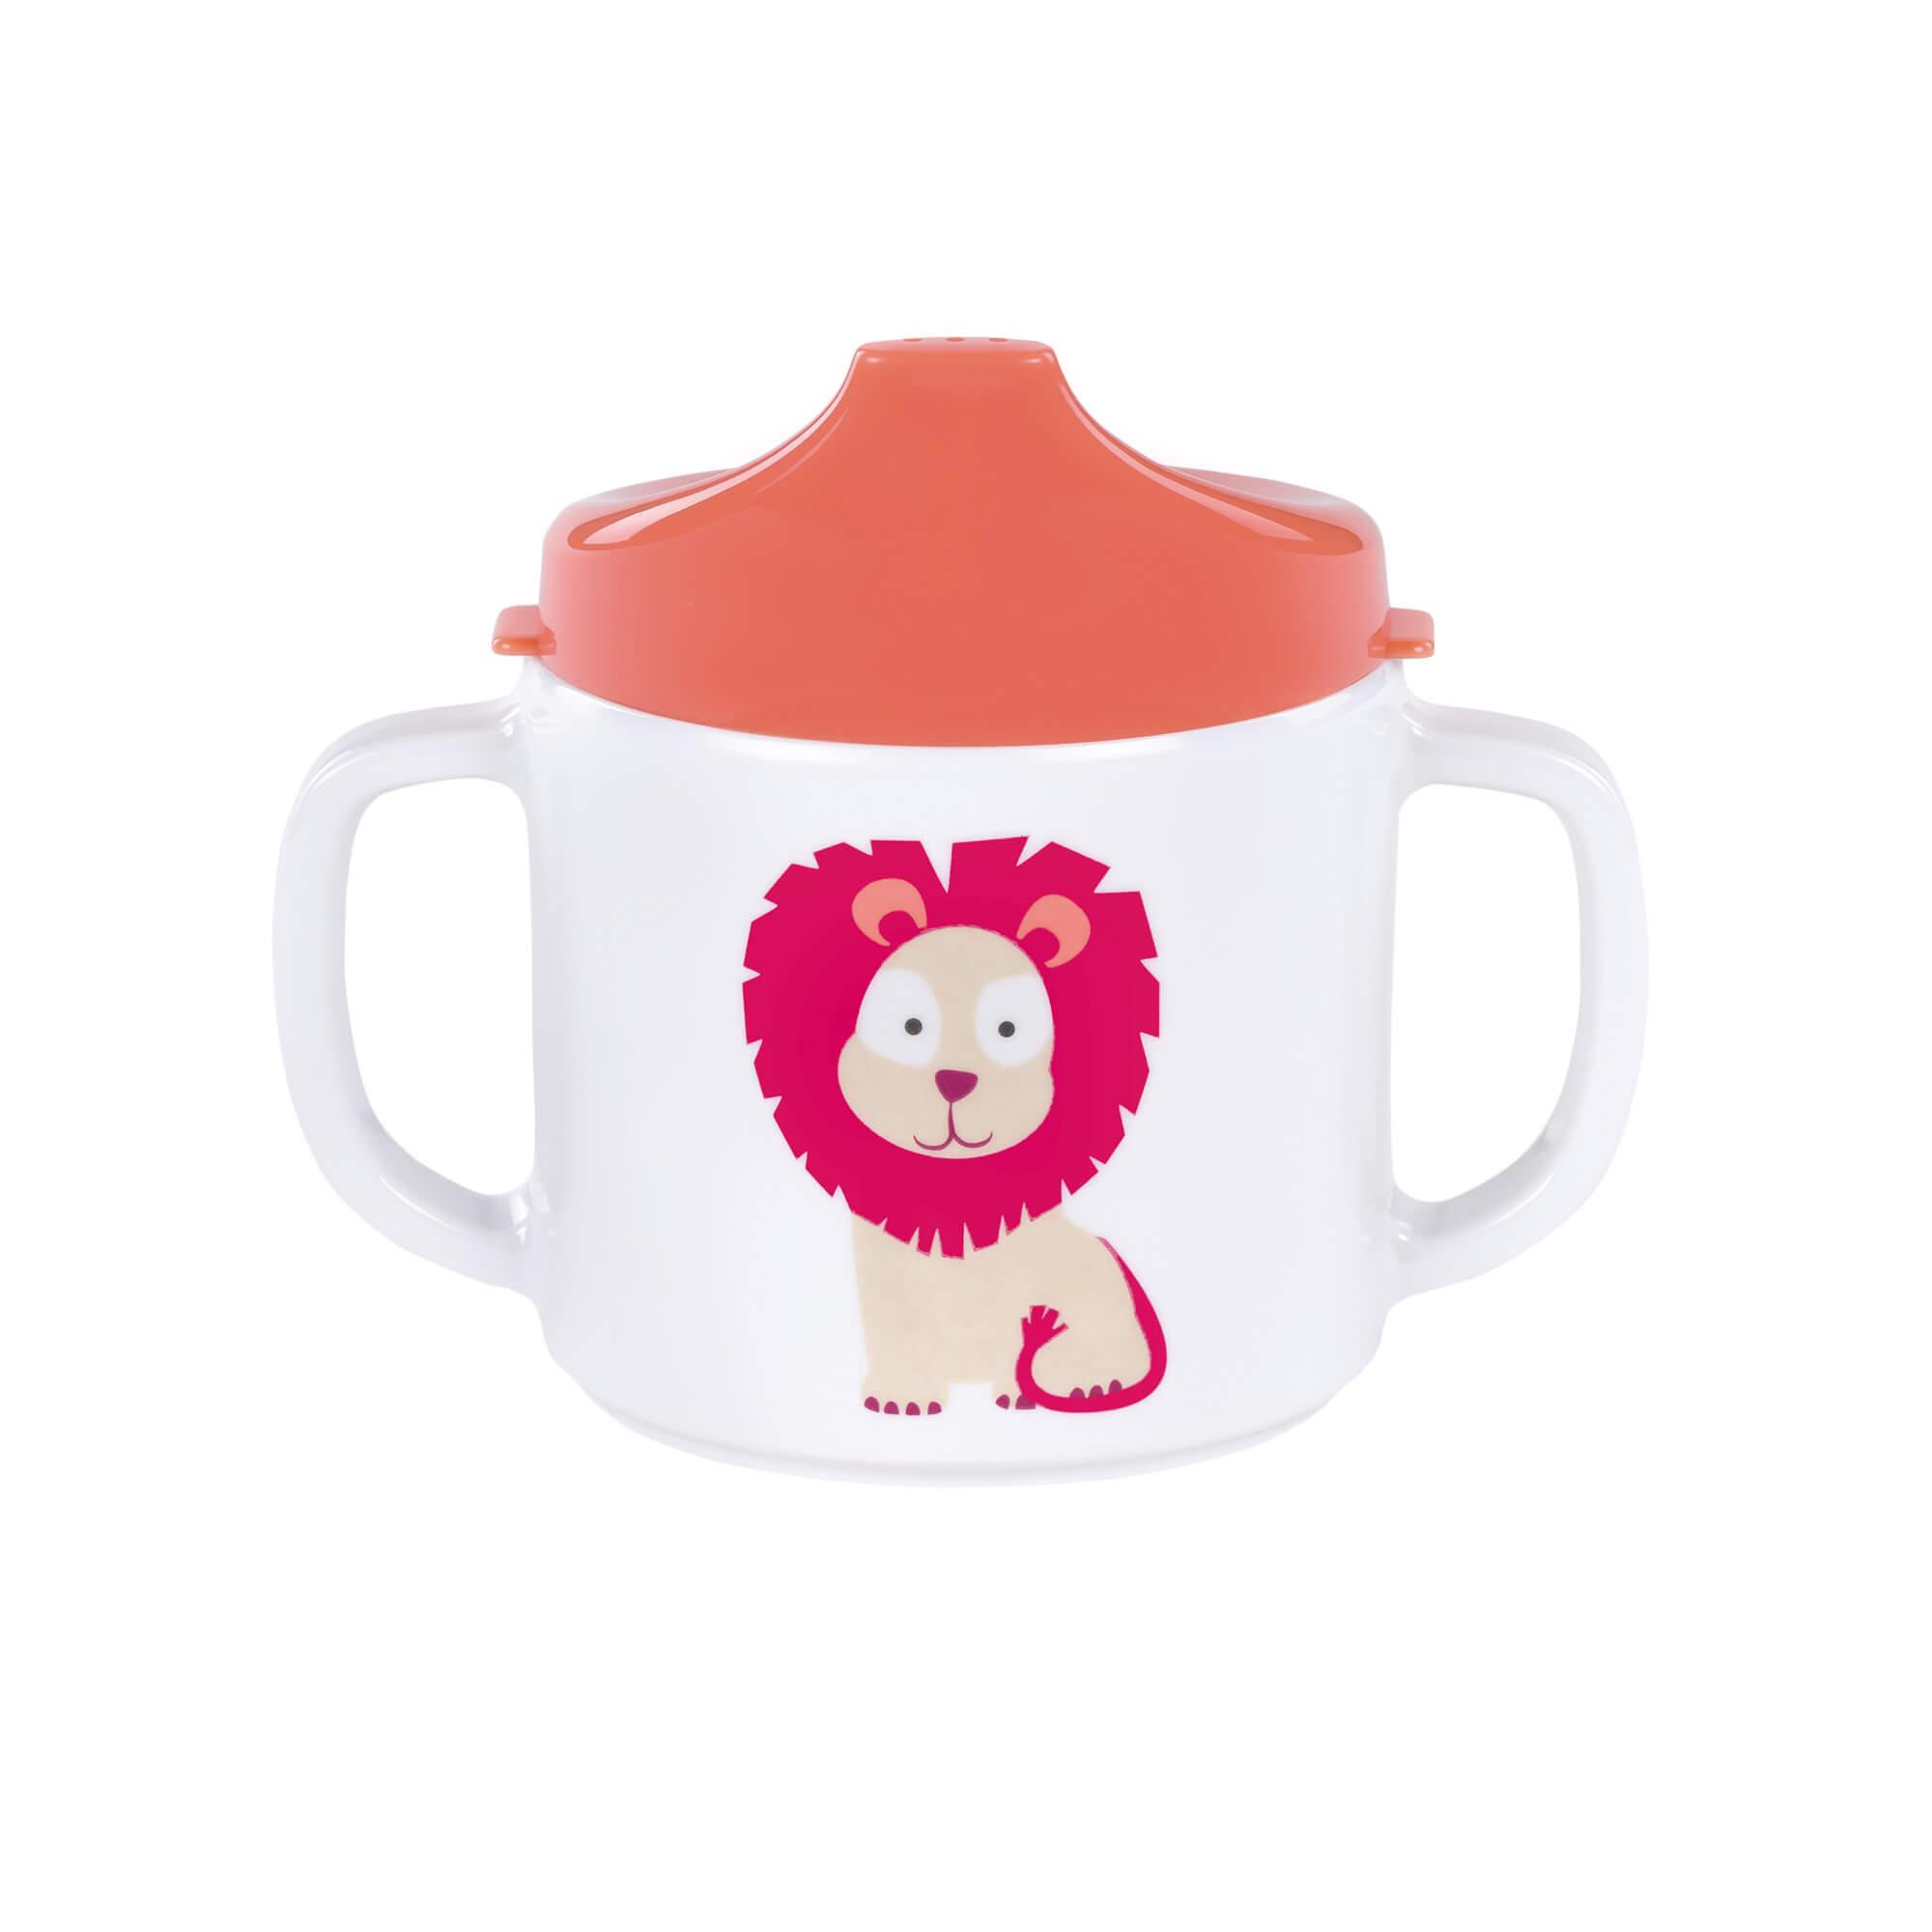 Lässig trinklernbecher dish cup melamin wildlife lion